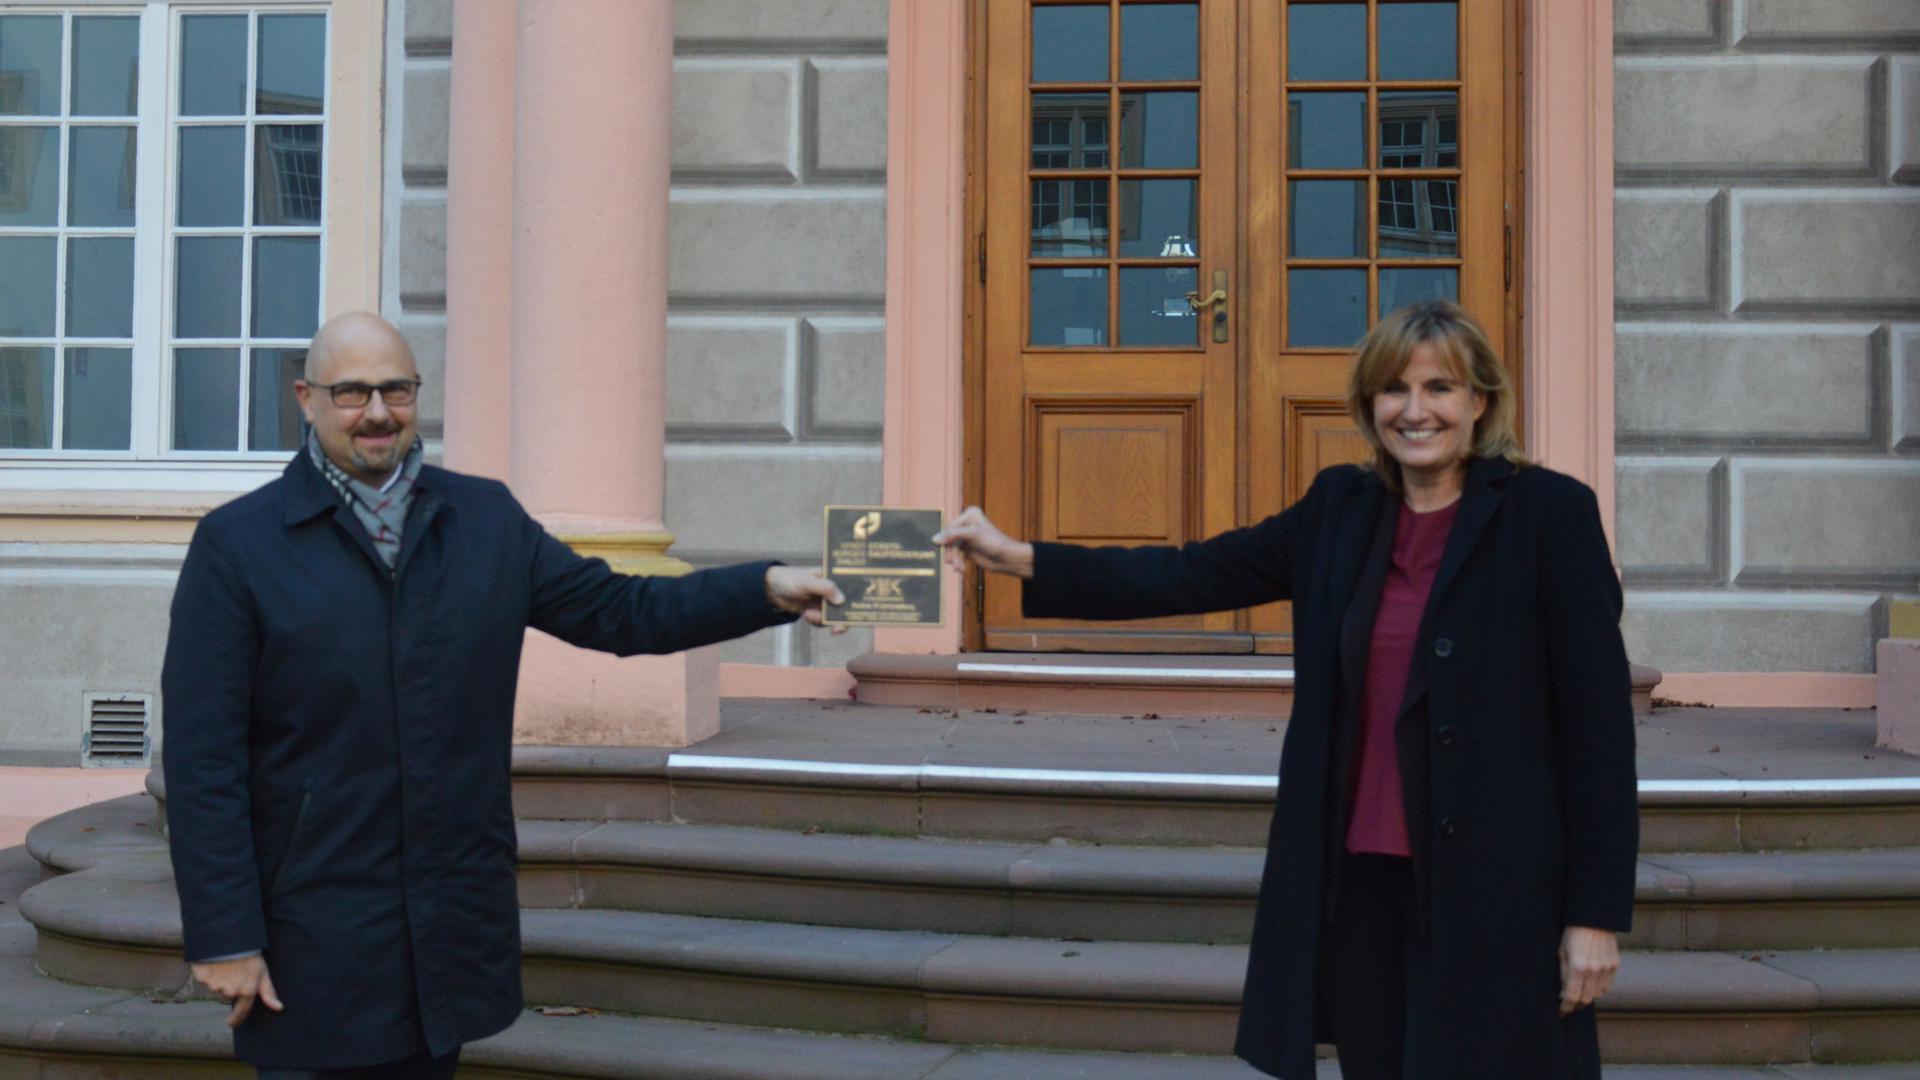 Zwei Leute mit Tafel vor Gebäude